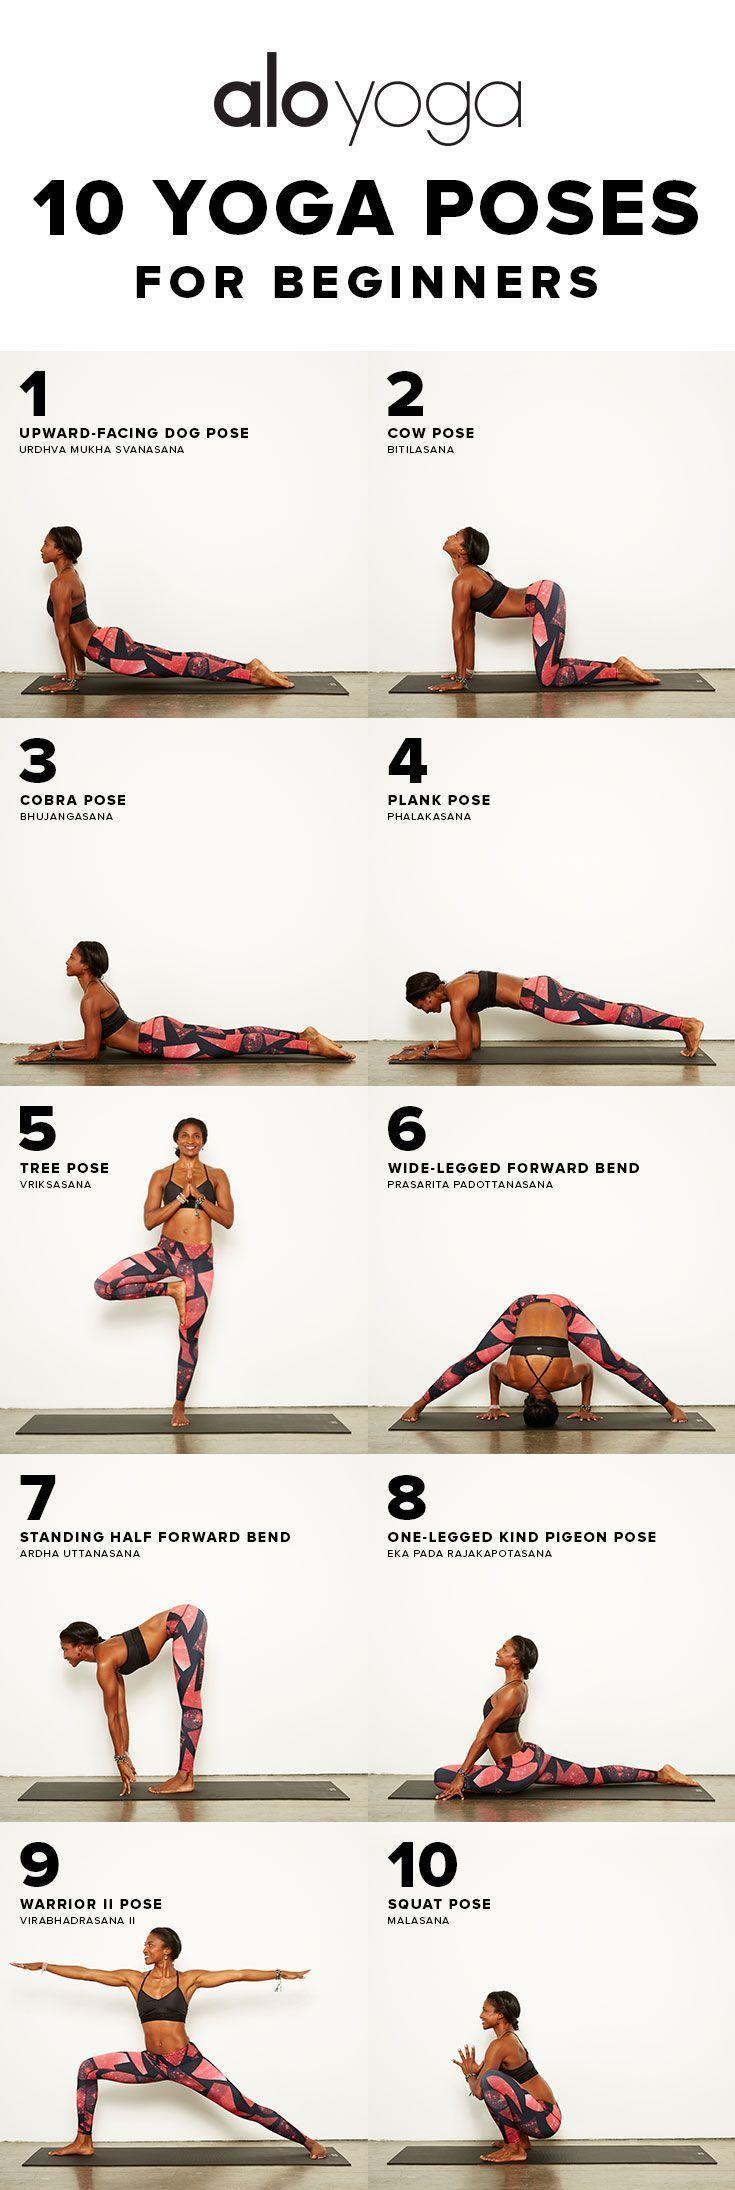 Si quieres comenzar a practicar yoga, estas 10 poses son las mejores para que te adaptes a una rutina semanal.